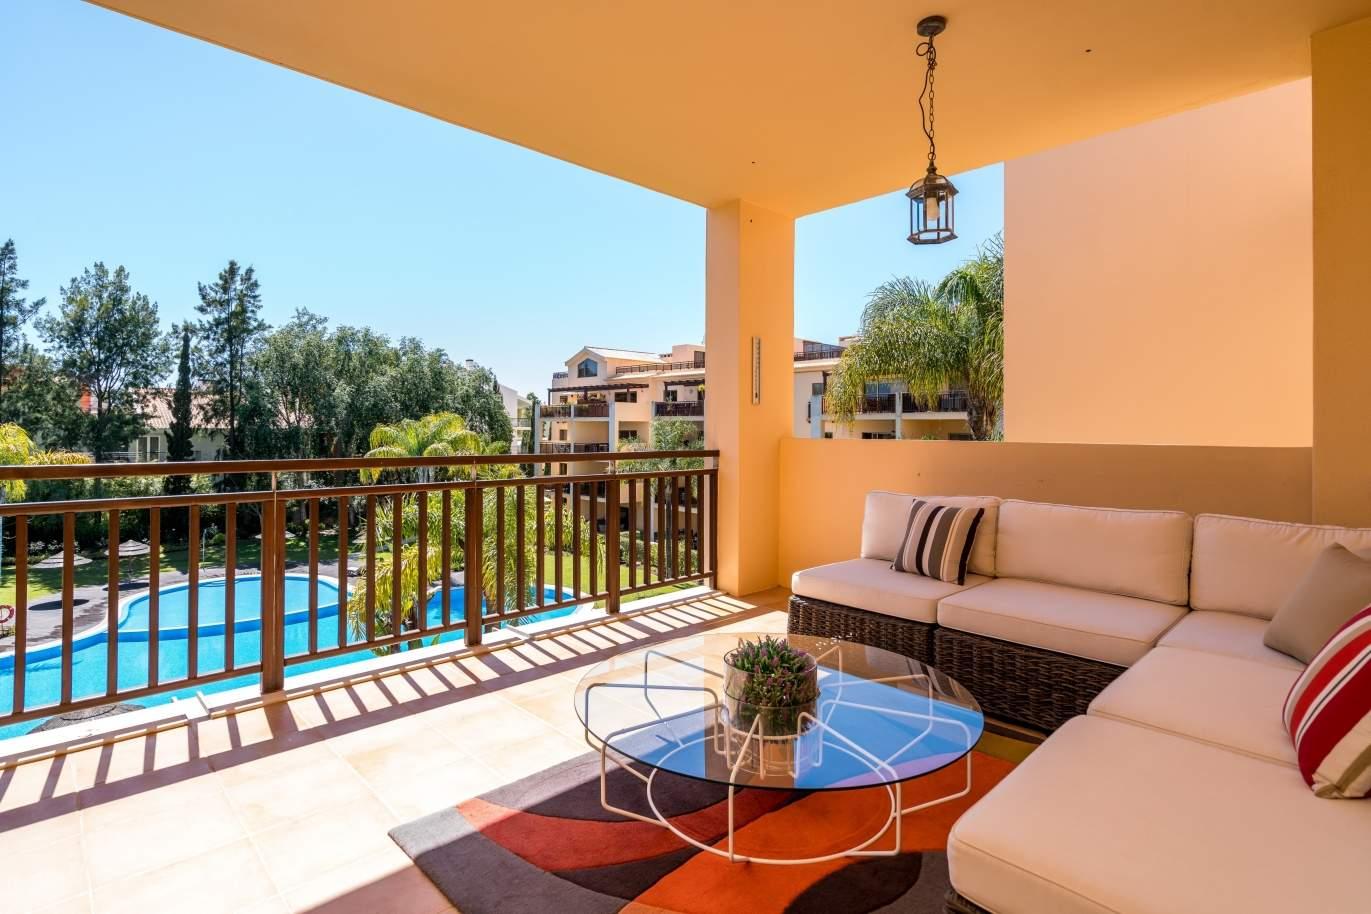 venda-de-apartamento-triplex-em-vilamoura-algarve-portugal